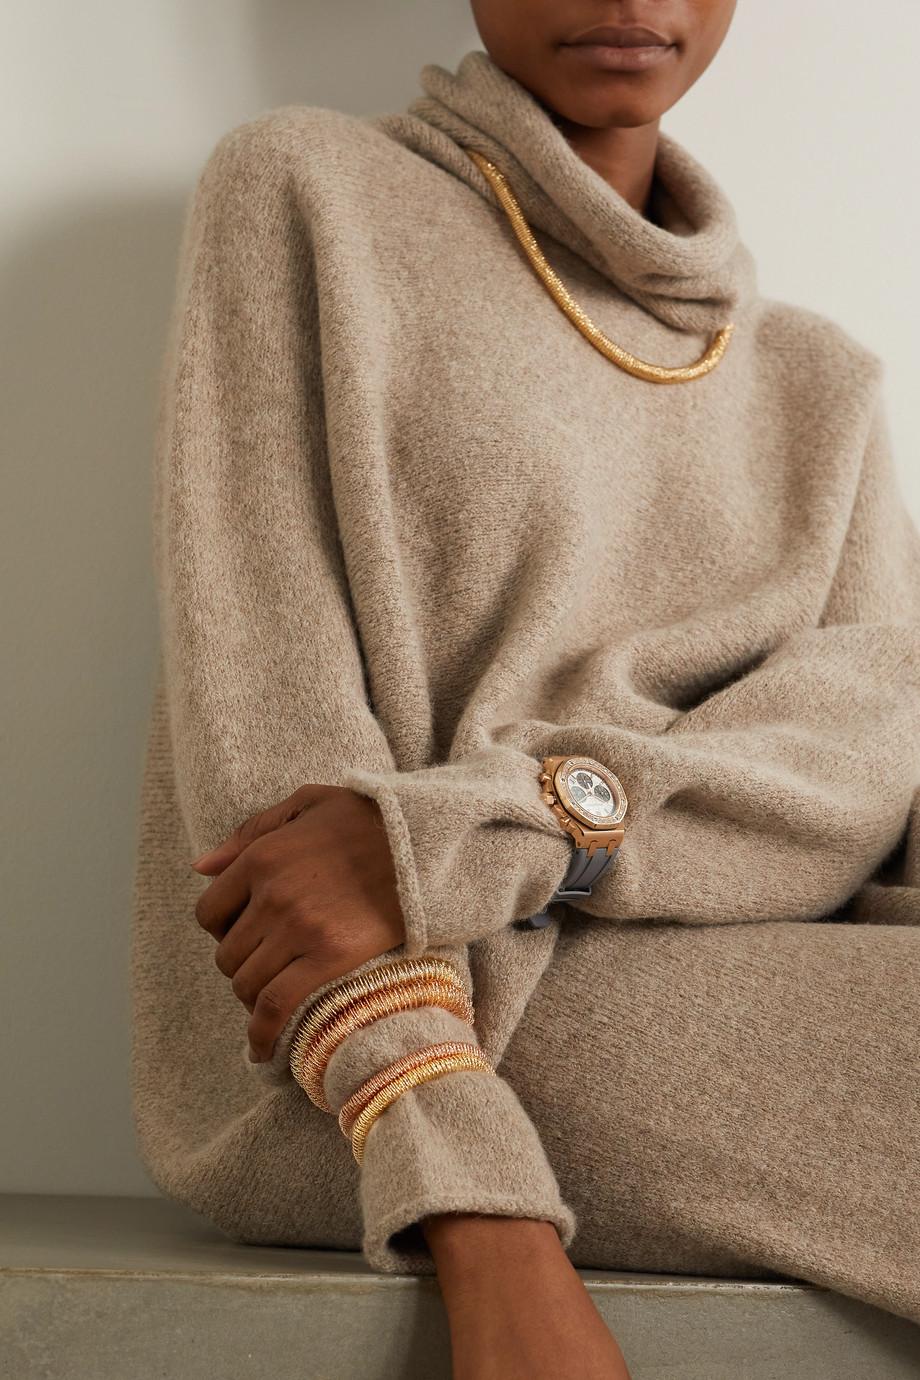 Carolina Bucci K.I.S.S. Small 18-karat gold bracelet